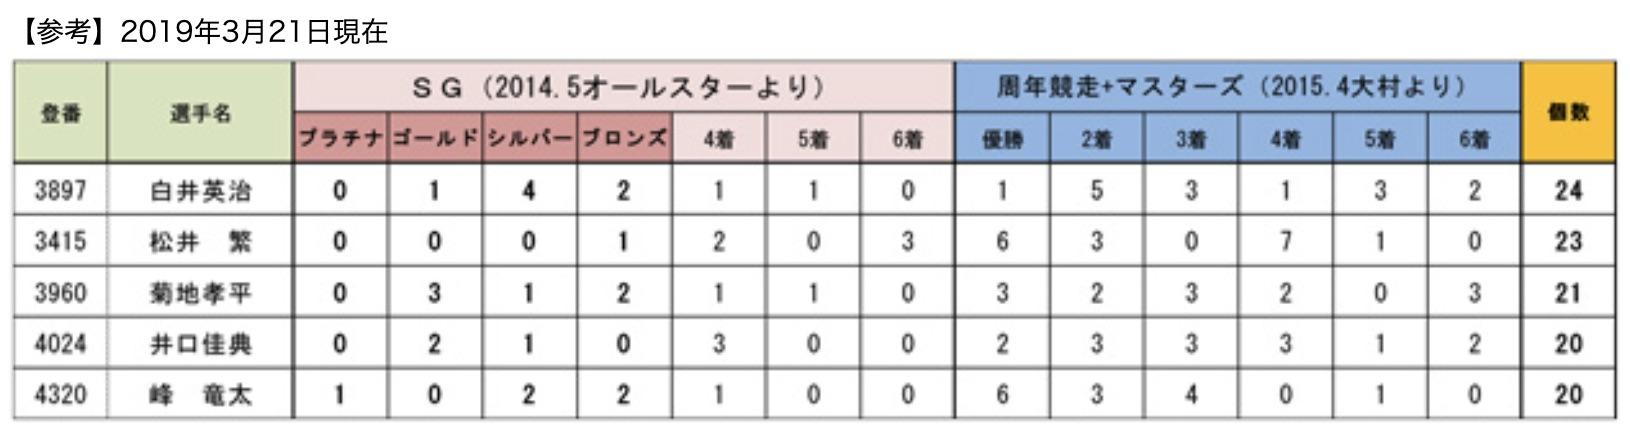 松井繁はまだゴールデンレーサー賞に届かない